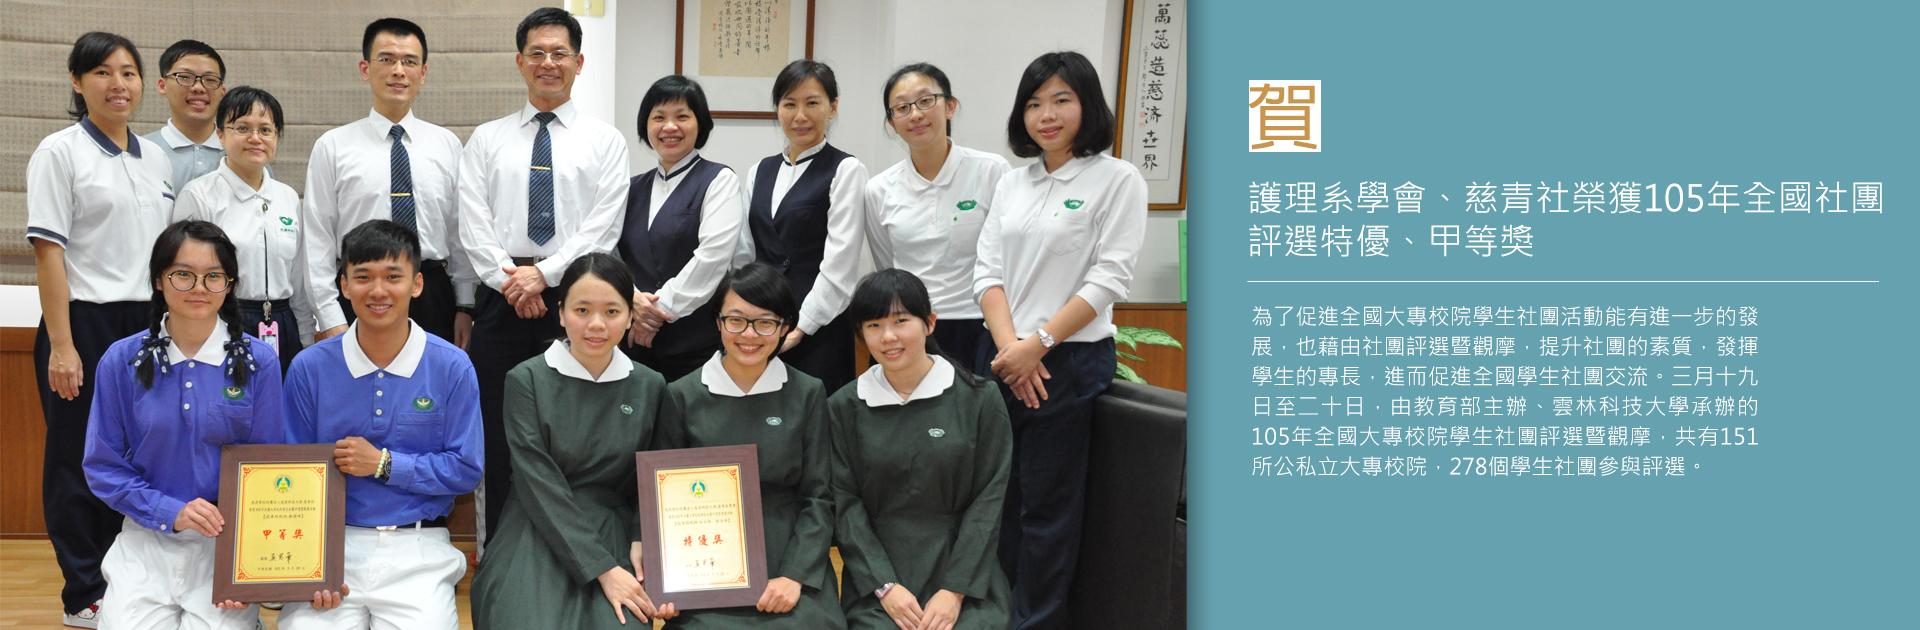 護理系學會、慈青社榮獲105年全國社團評選特優、甲等獎